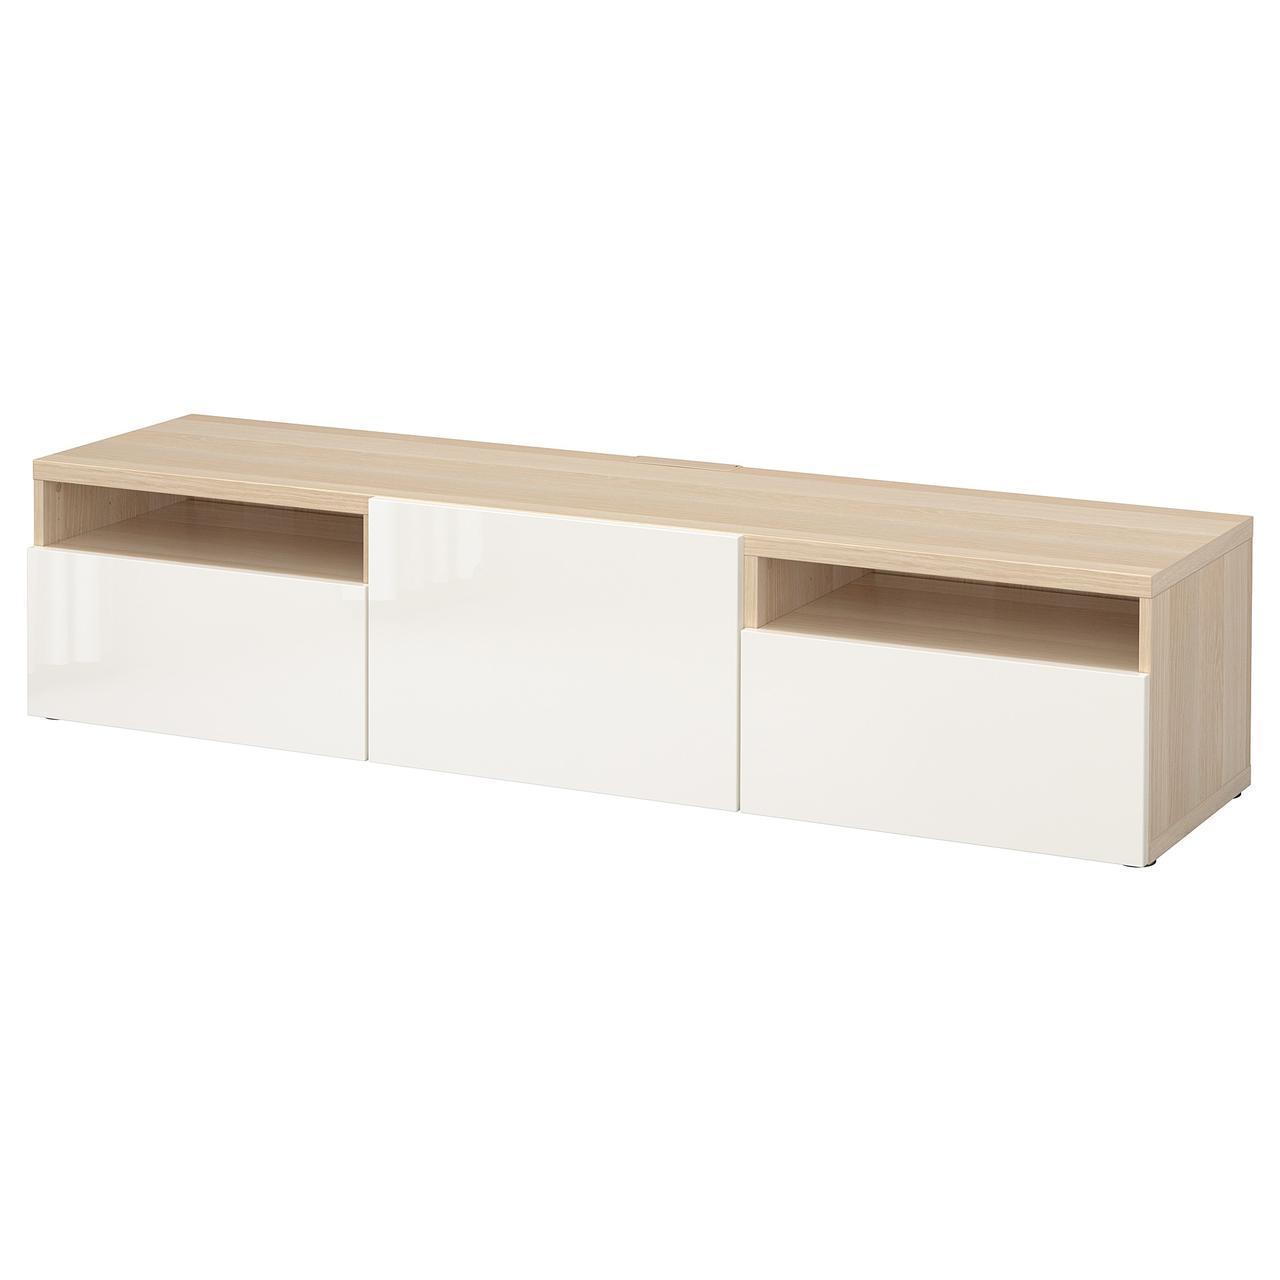 IKEA BESTA Тумба під телевізор, білий стаинедед дуб, Сельсвикен глянцевий/білий (591.885.14)